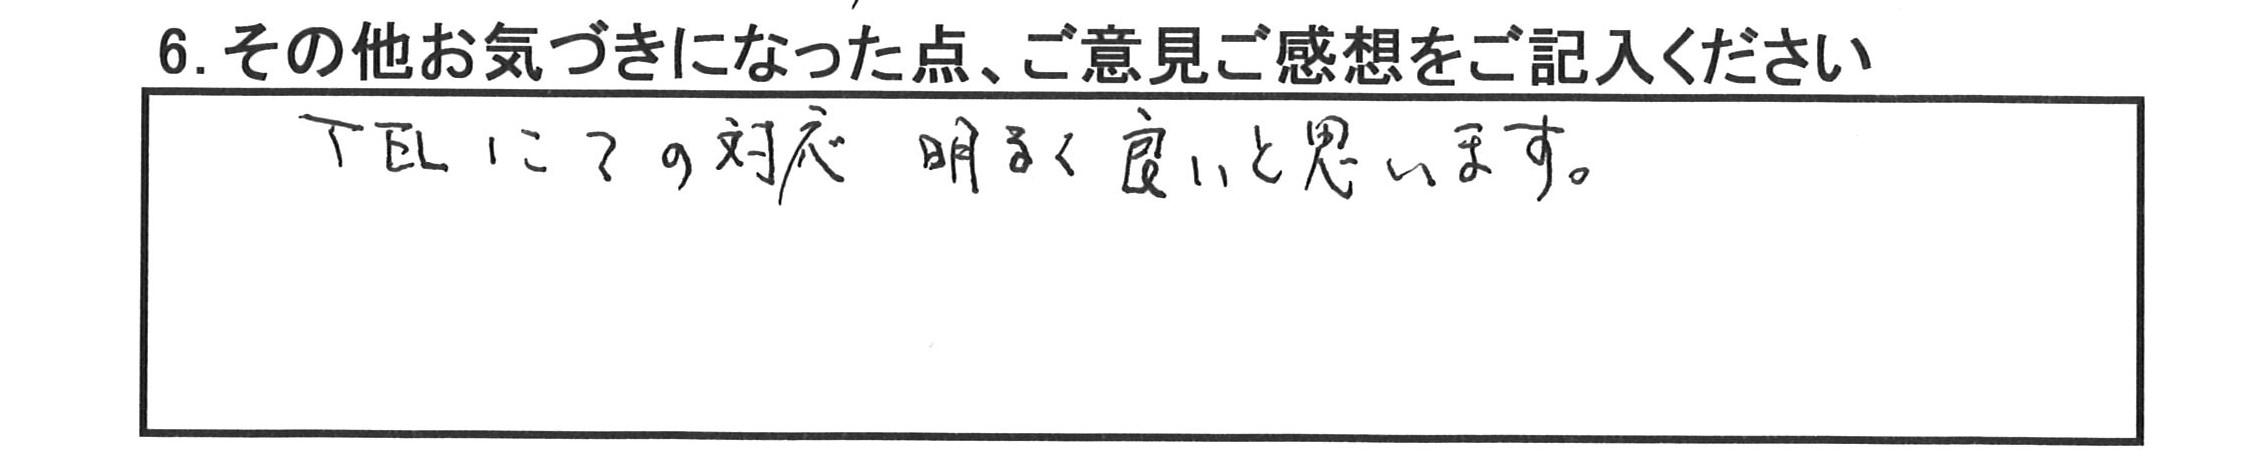 日産マーチの藤沢市のA様より、うれしい声をいただきました